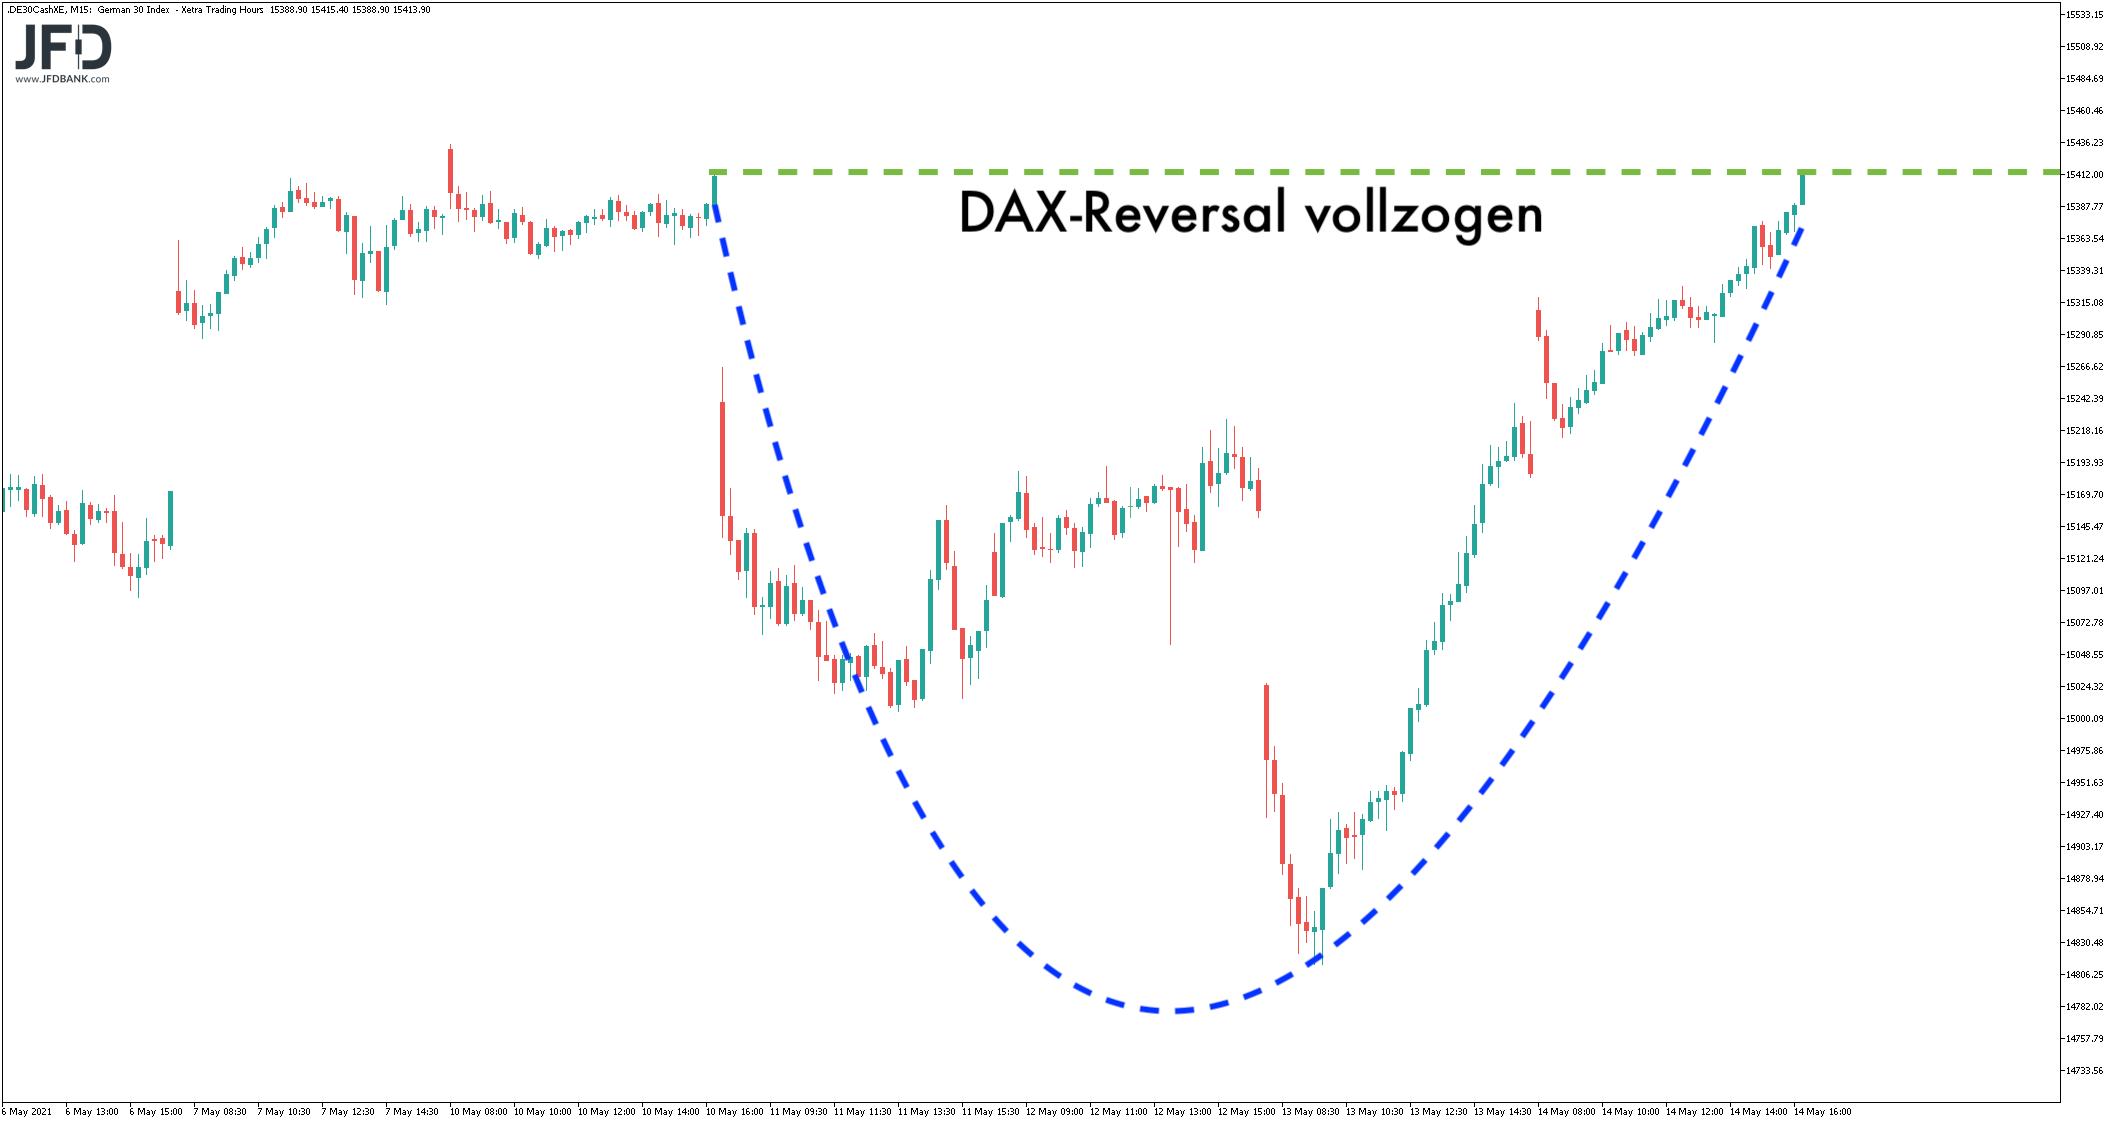 DAX-Reversal im Wochenverlauf